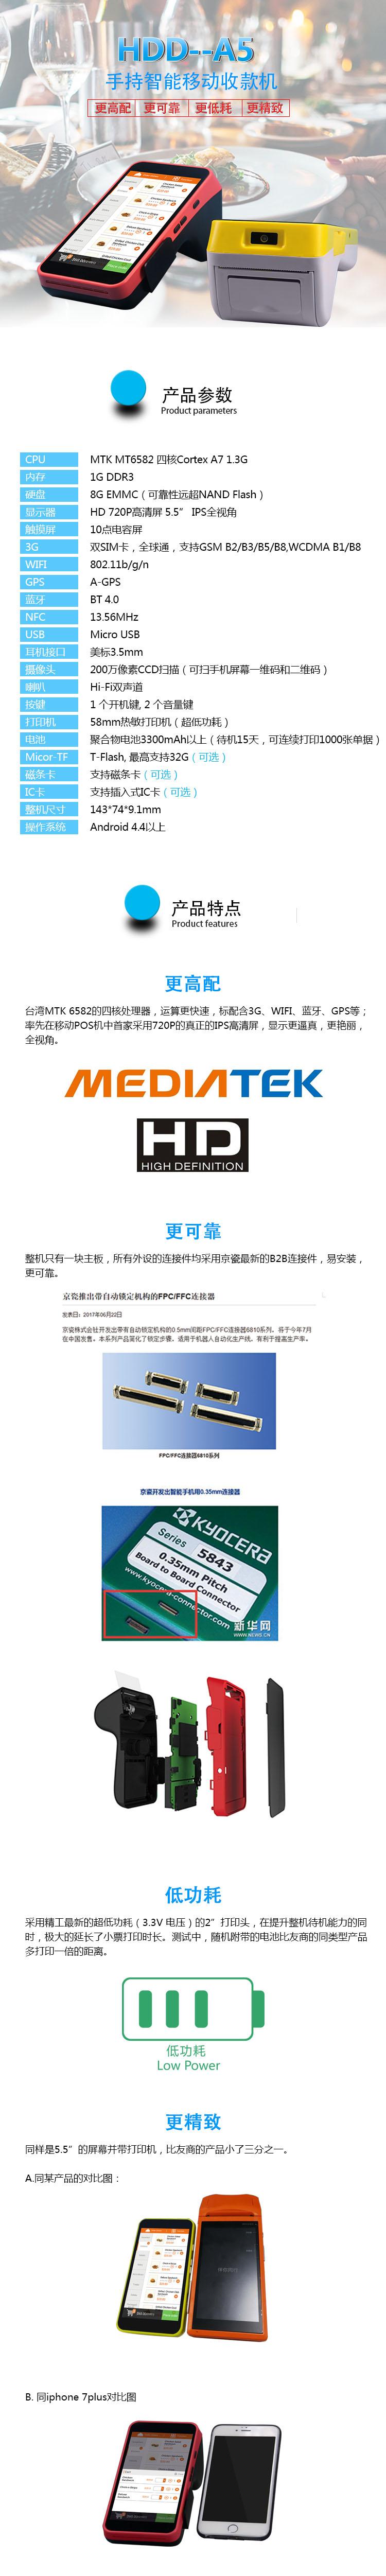 兰州触摸屏pos收款机HDD-A5